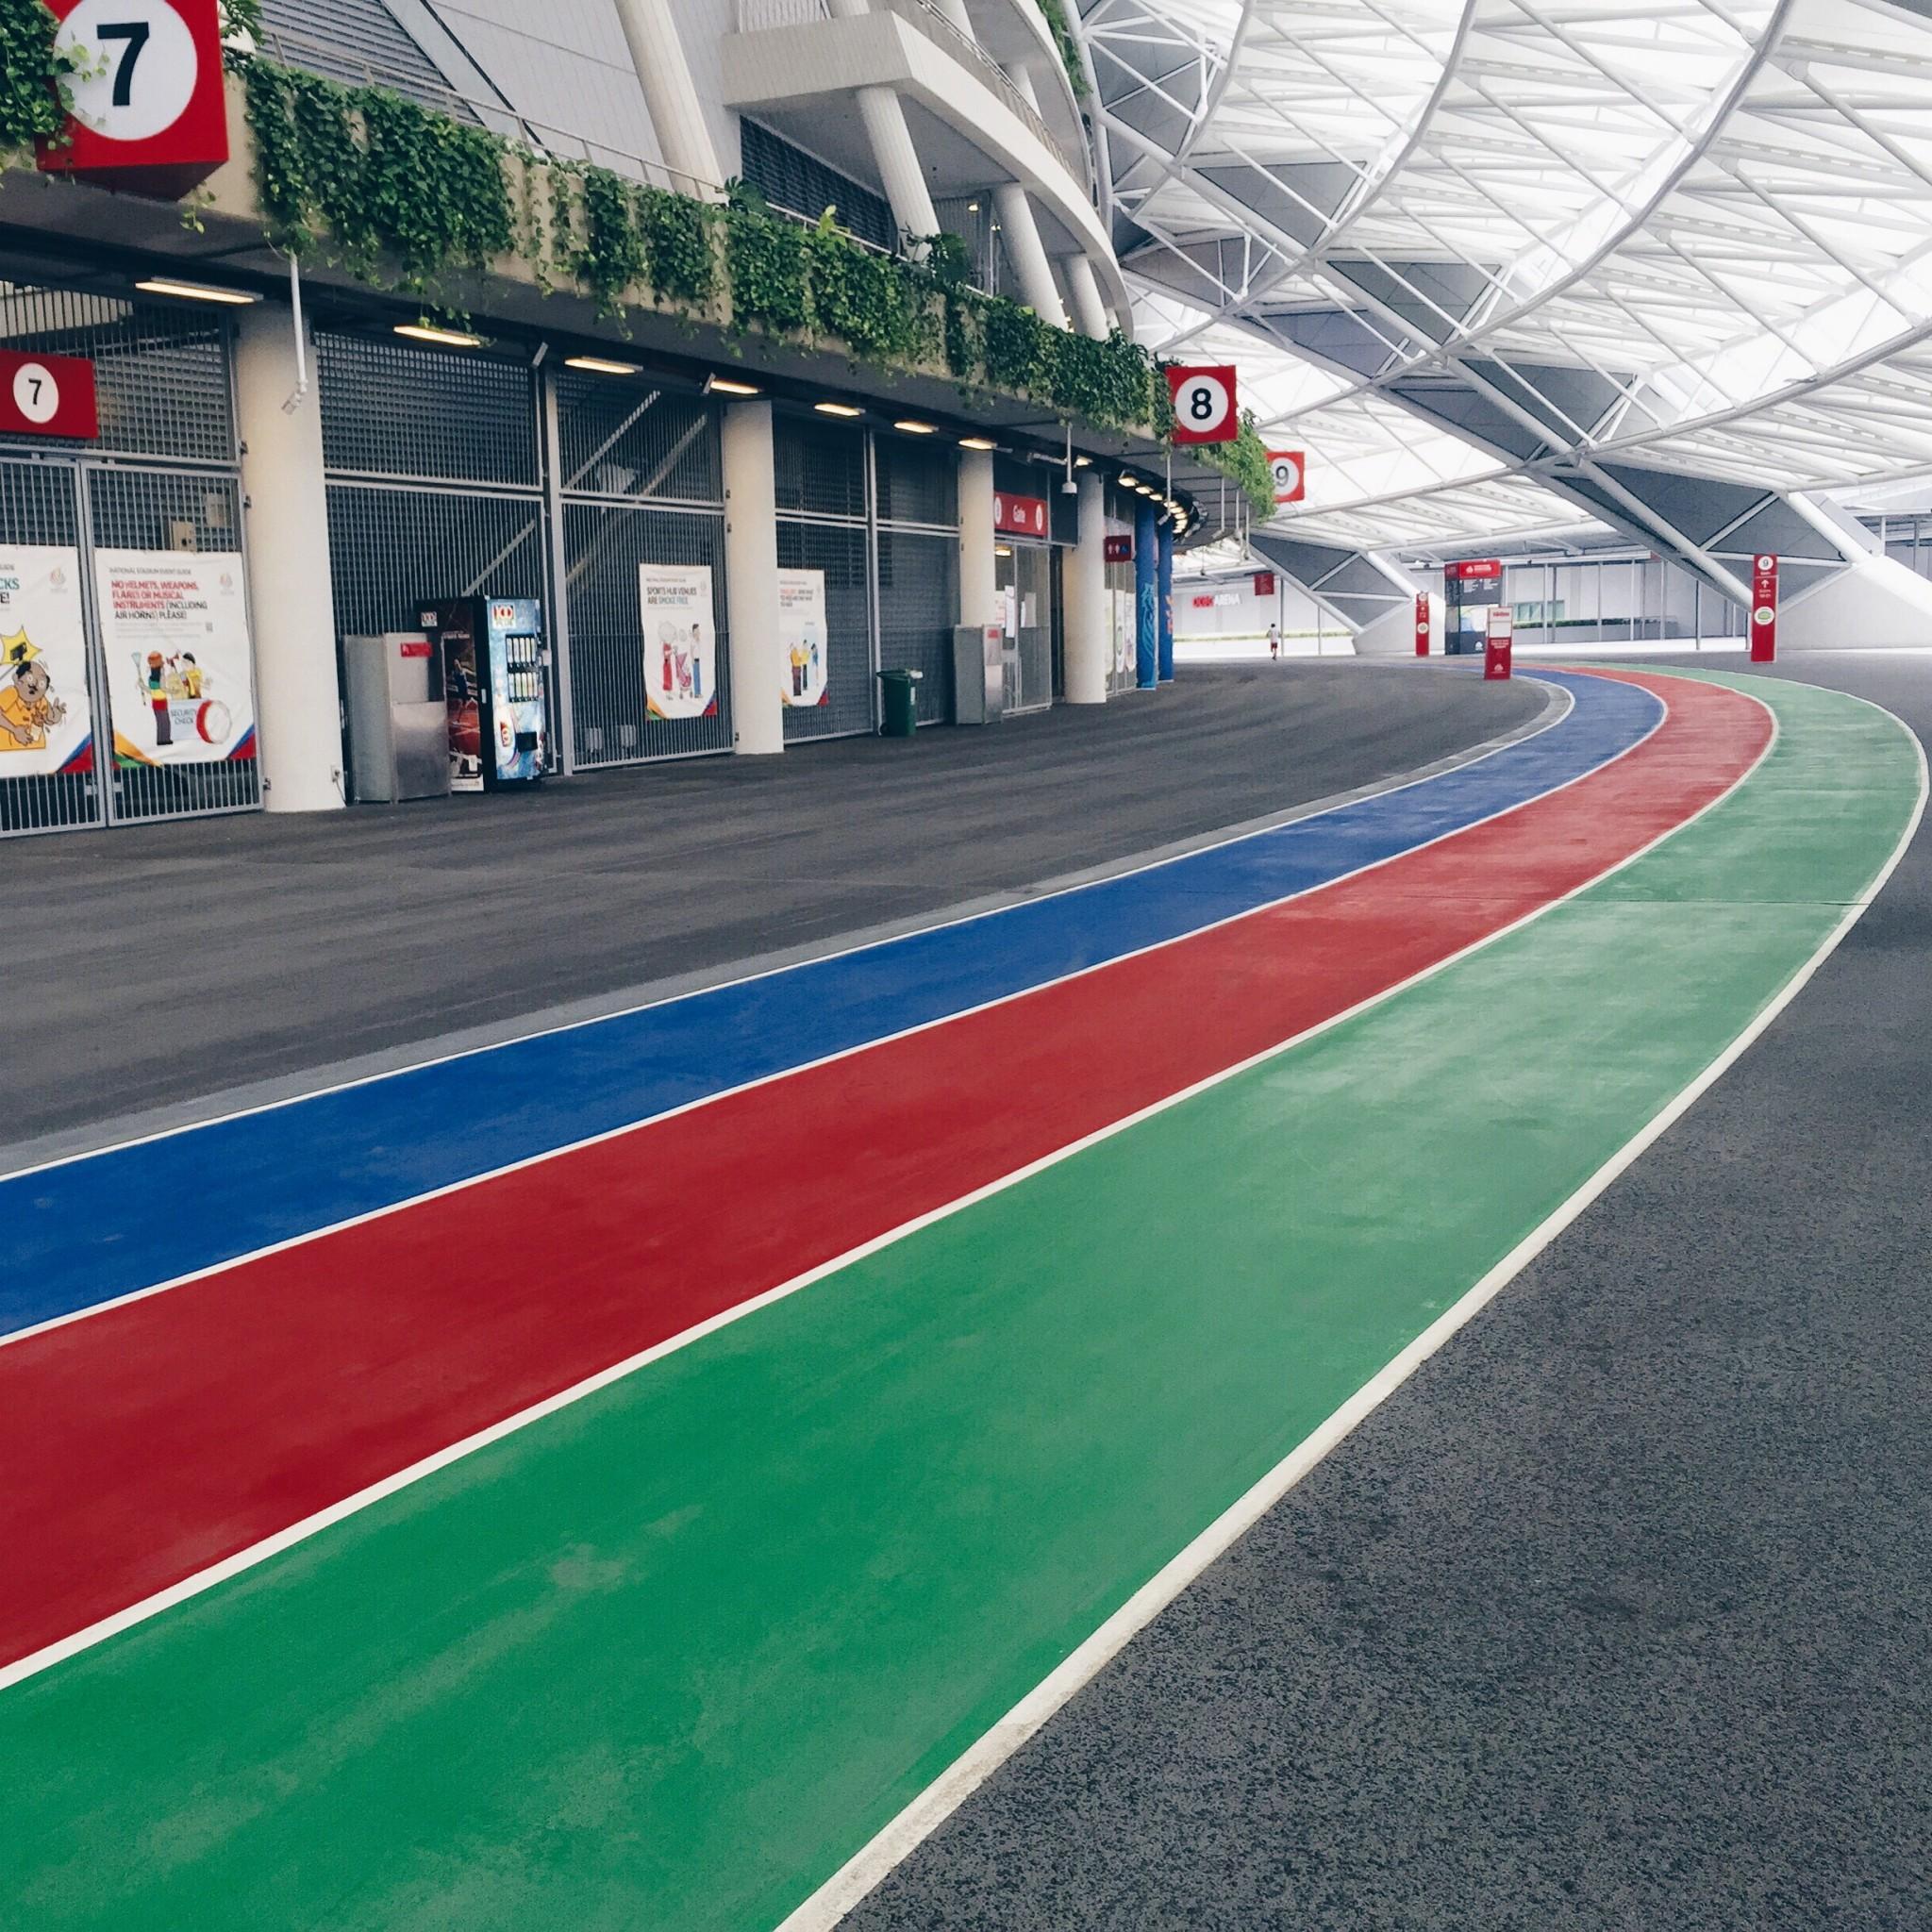 100Plus Promenade / Singapore Sports Hub | Just Run Lah!